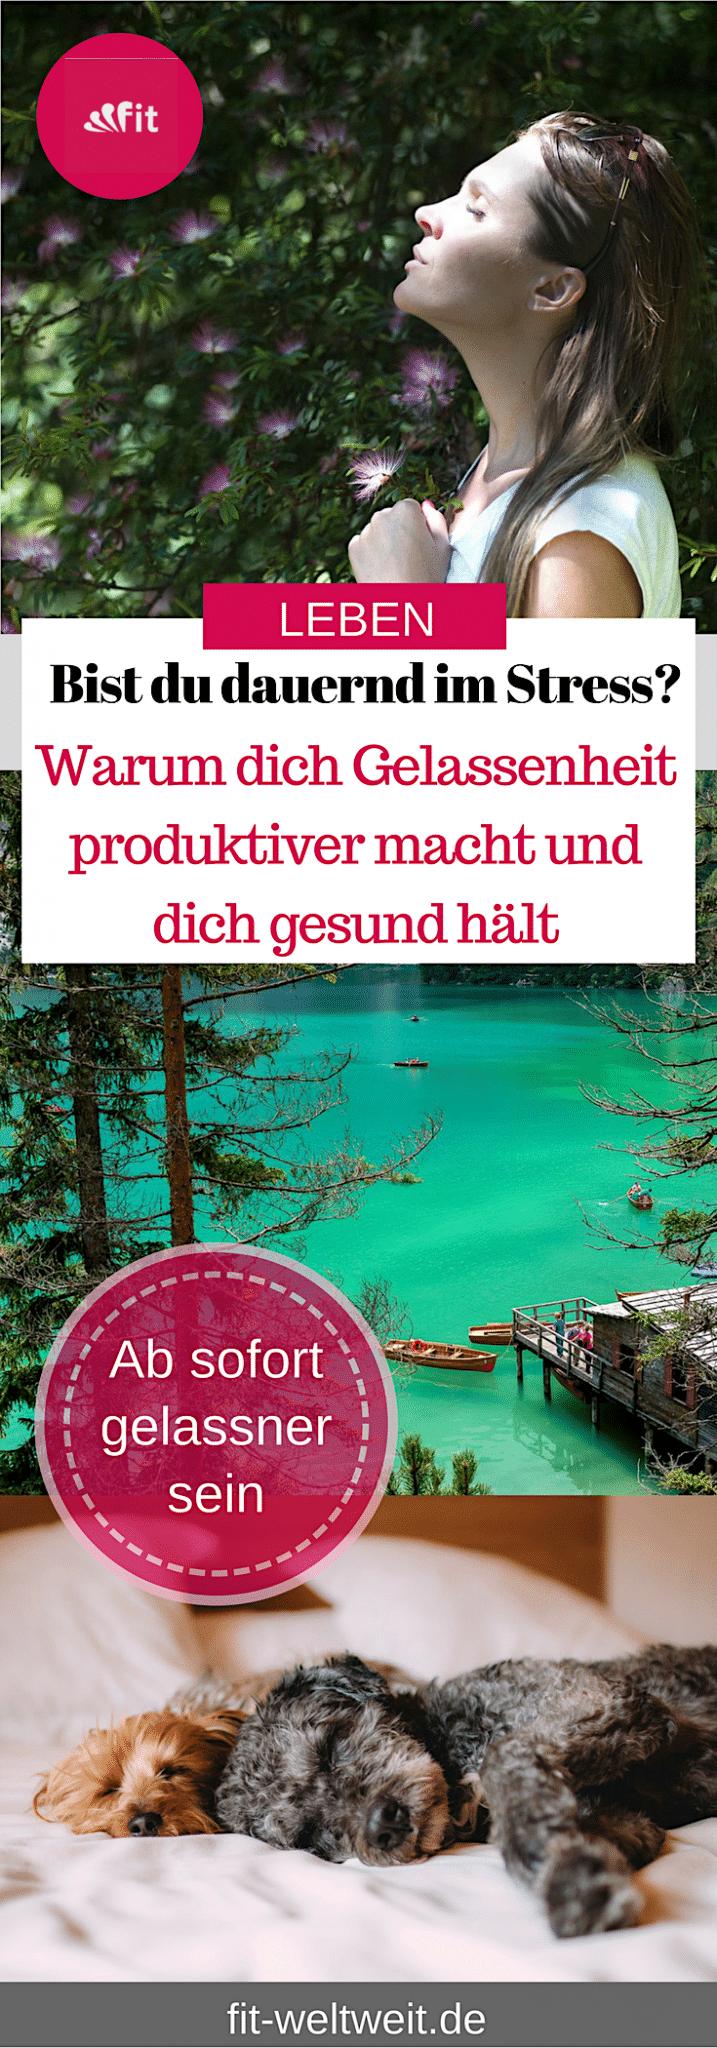 Warum dich Gelassenheit produktiver macht und gesund hält. Fühlst du dich häufig total im Stress und machst dich oft total verrückt. #Gelassenheit lernen und gelassen mit Stress umgehen. Mit der richtigen #Stressbewältigung kannst du mit Gelassenheit entgegenwirken. #stressfrei leben. Besonders, wenn du viel arbeitest. #Arbeit Hole dir Motivation und beginne deine Tage stressfreier mit einer positiven Einstellung. #stress #stressabbau #entspannt #entspannung